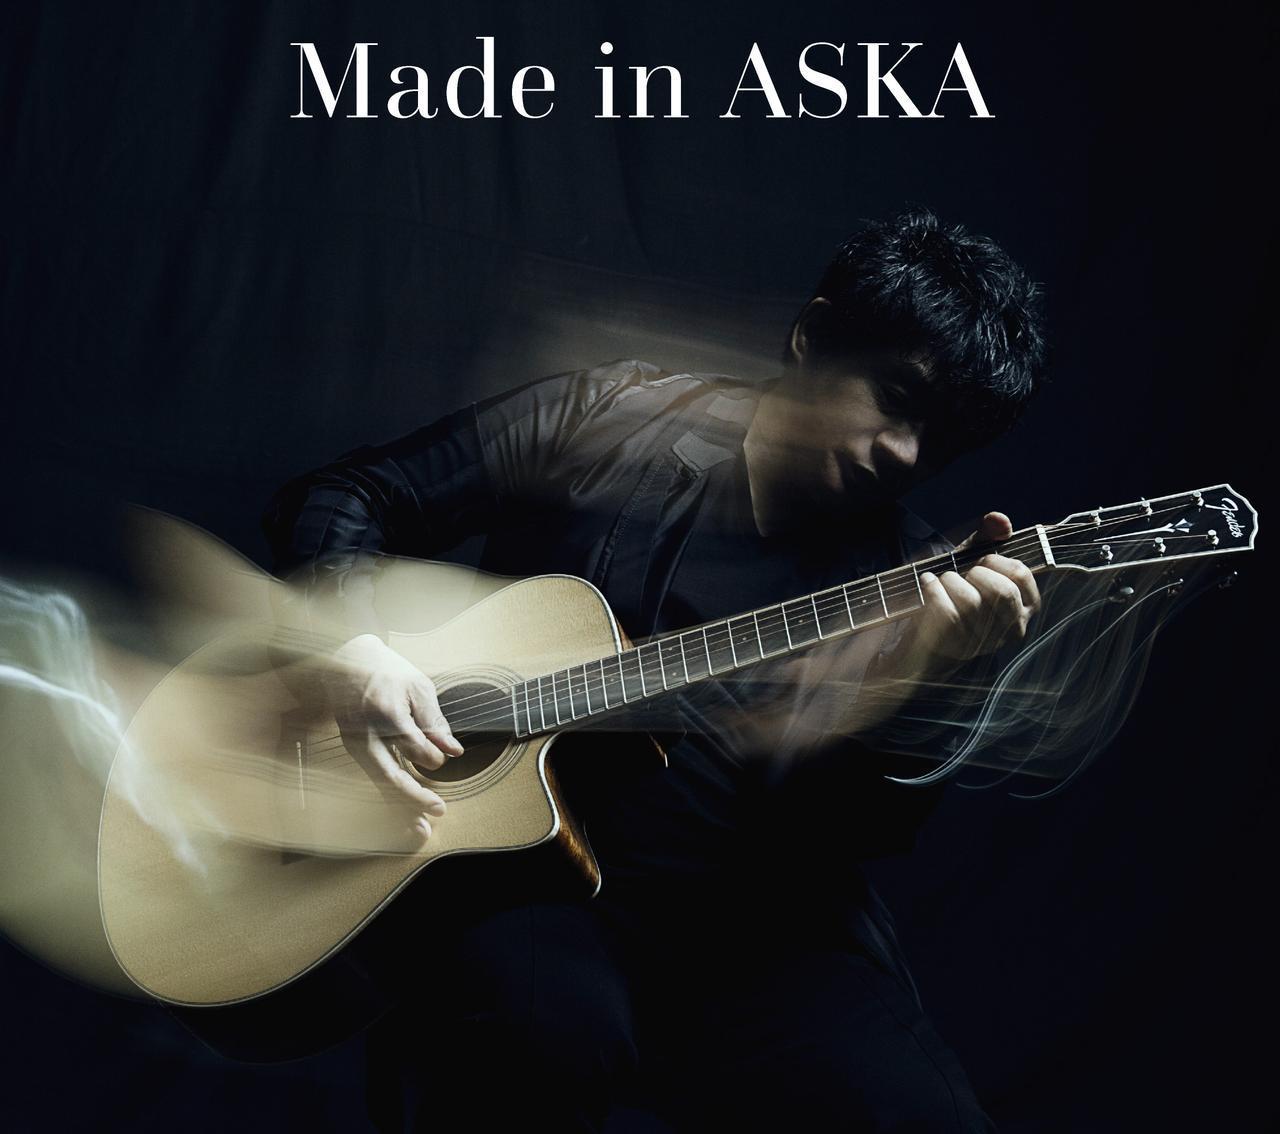 画像: Made in ASKA - Weare